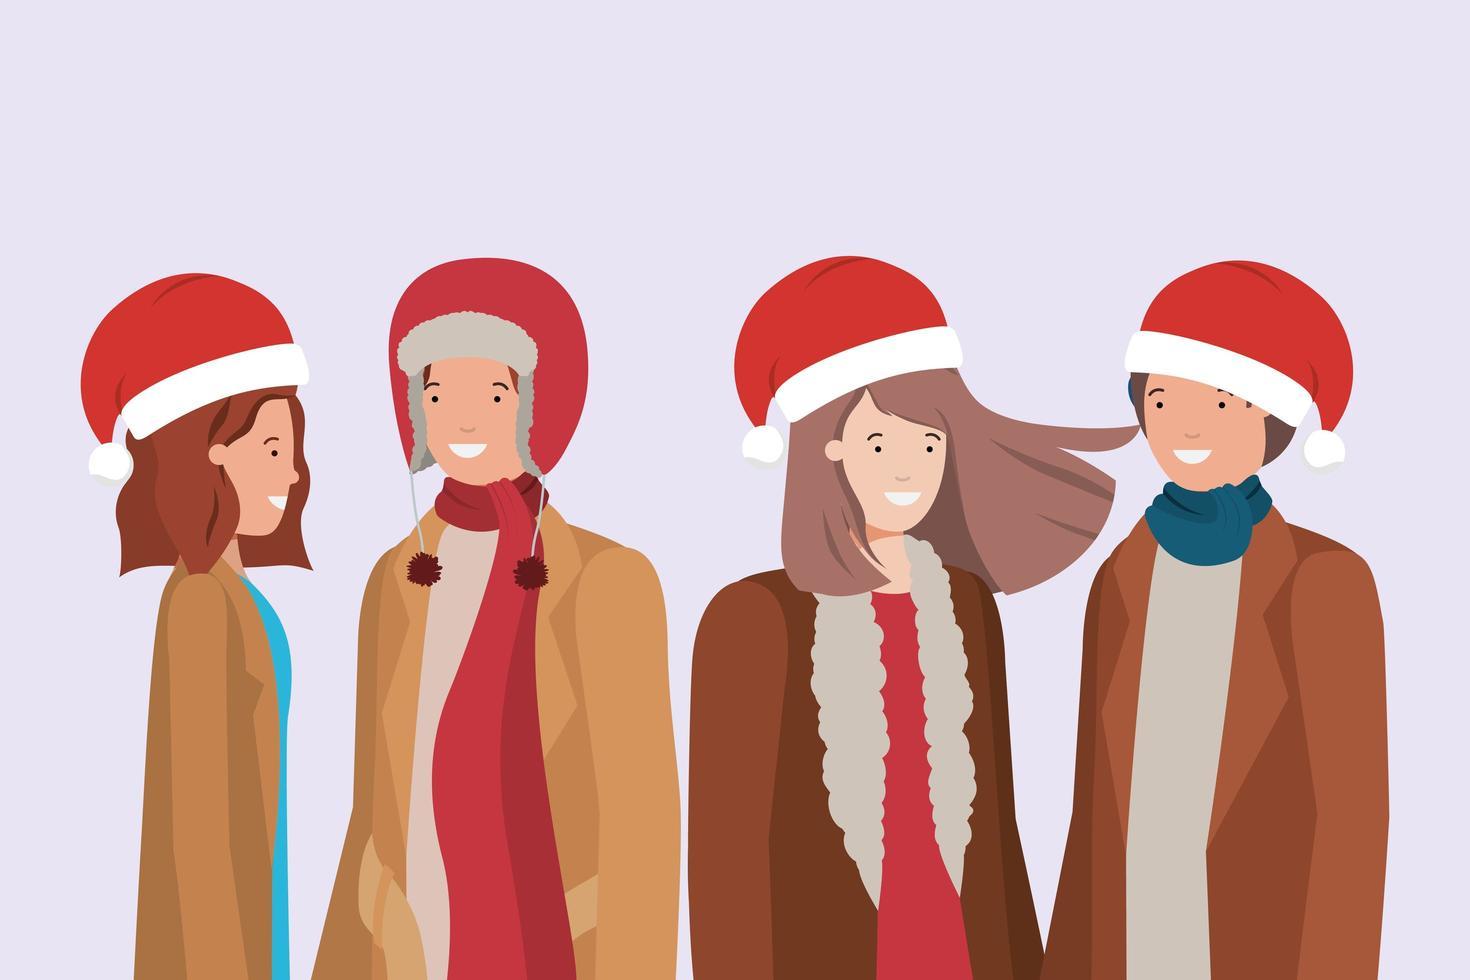 jeunes couples avec des personnages de vêtements d'hiver vecteur